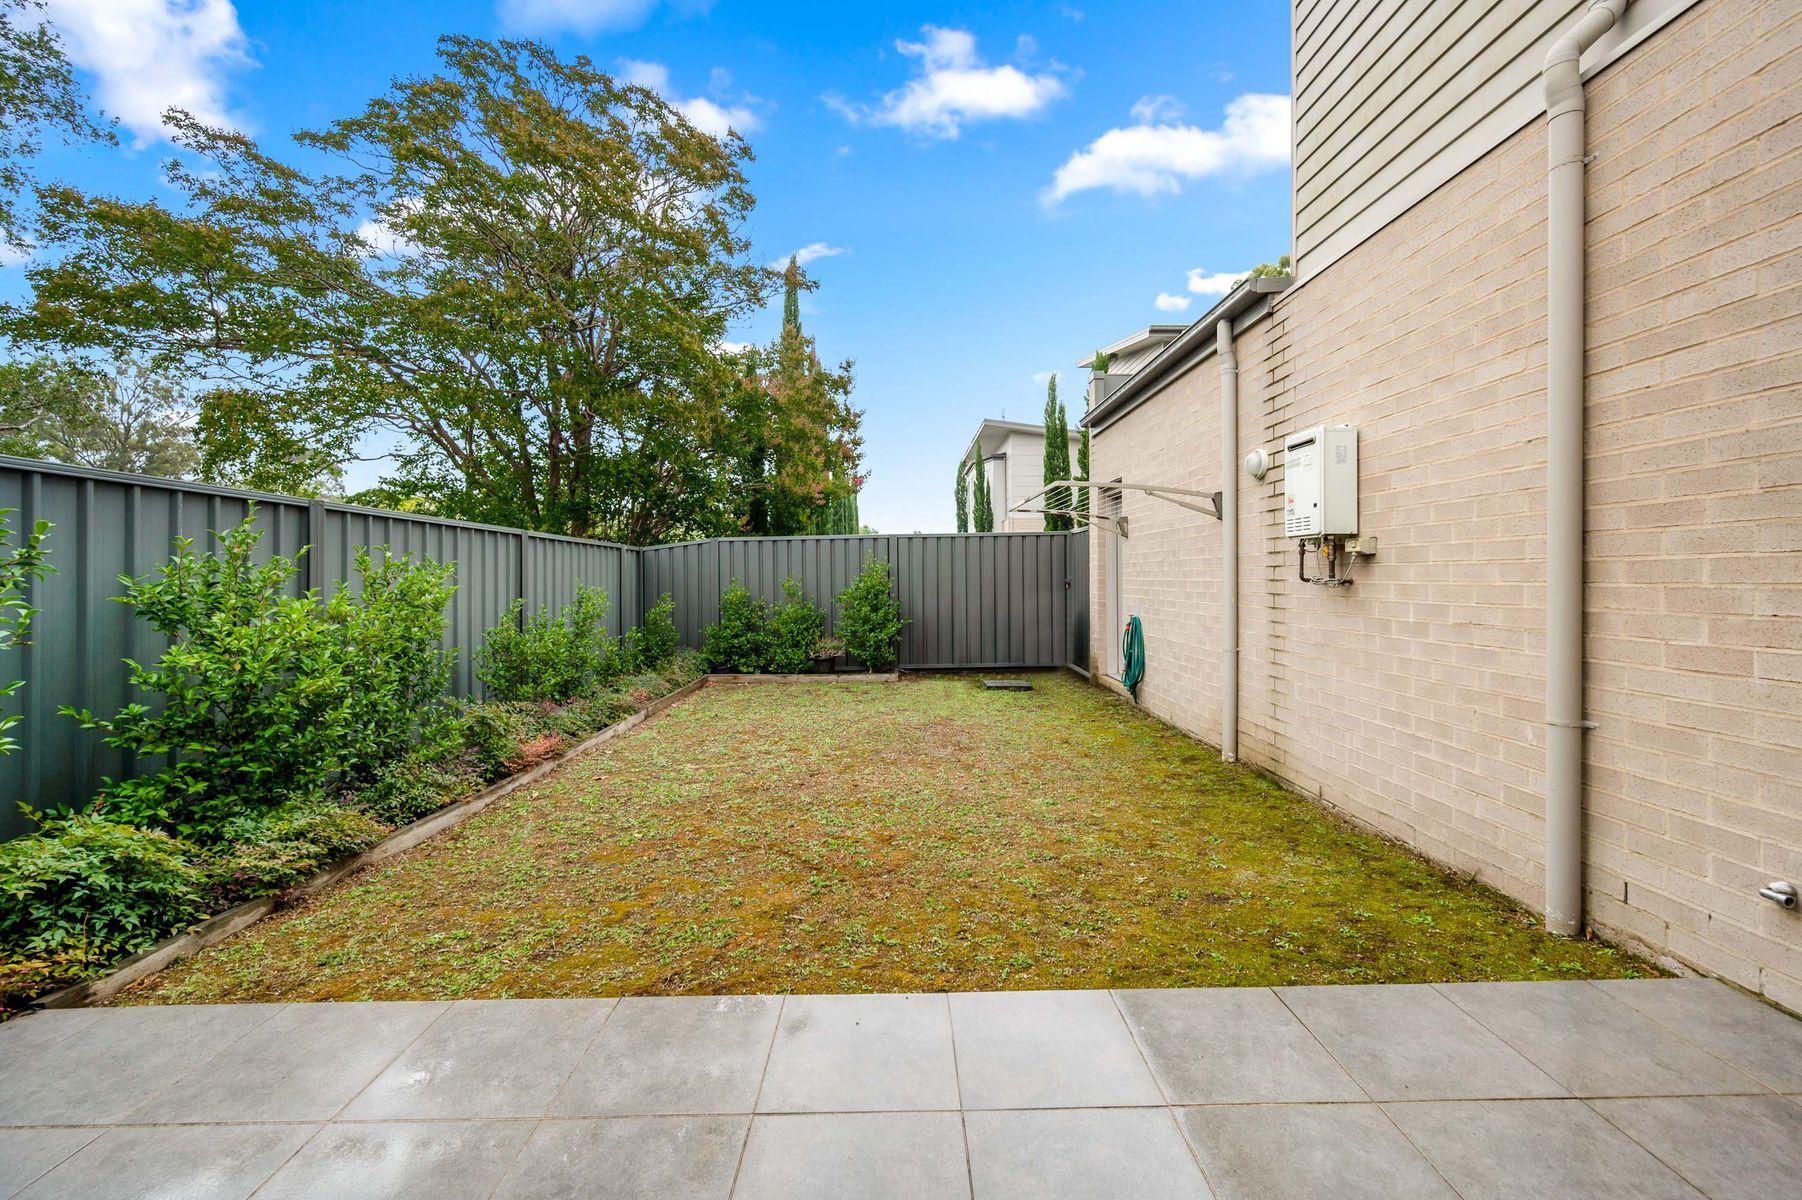 2/23 Lilian Street, Glendale, NSW 2285